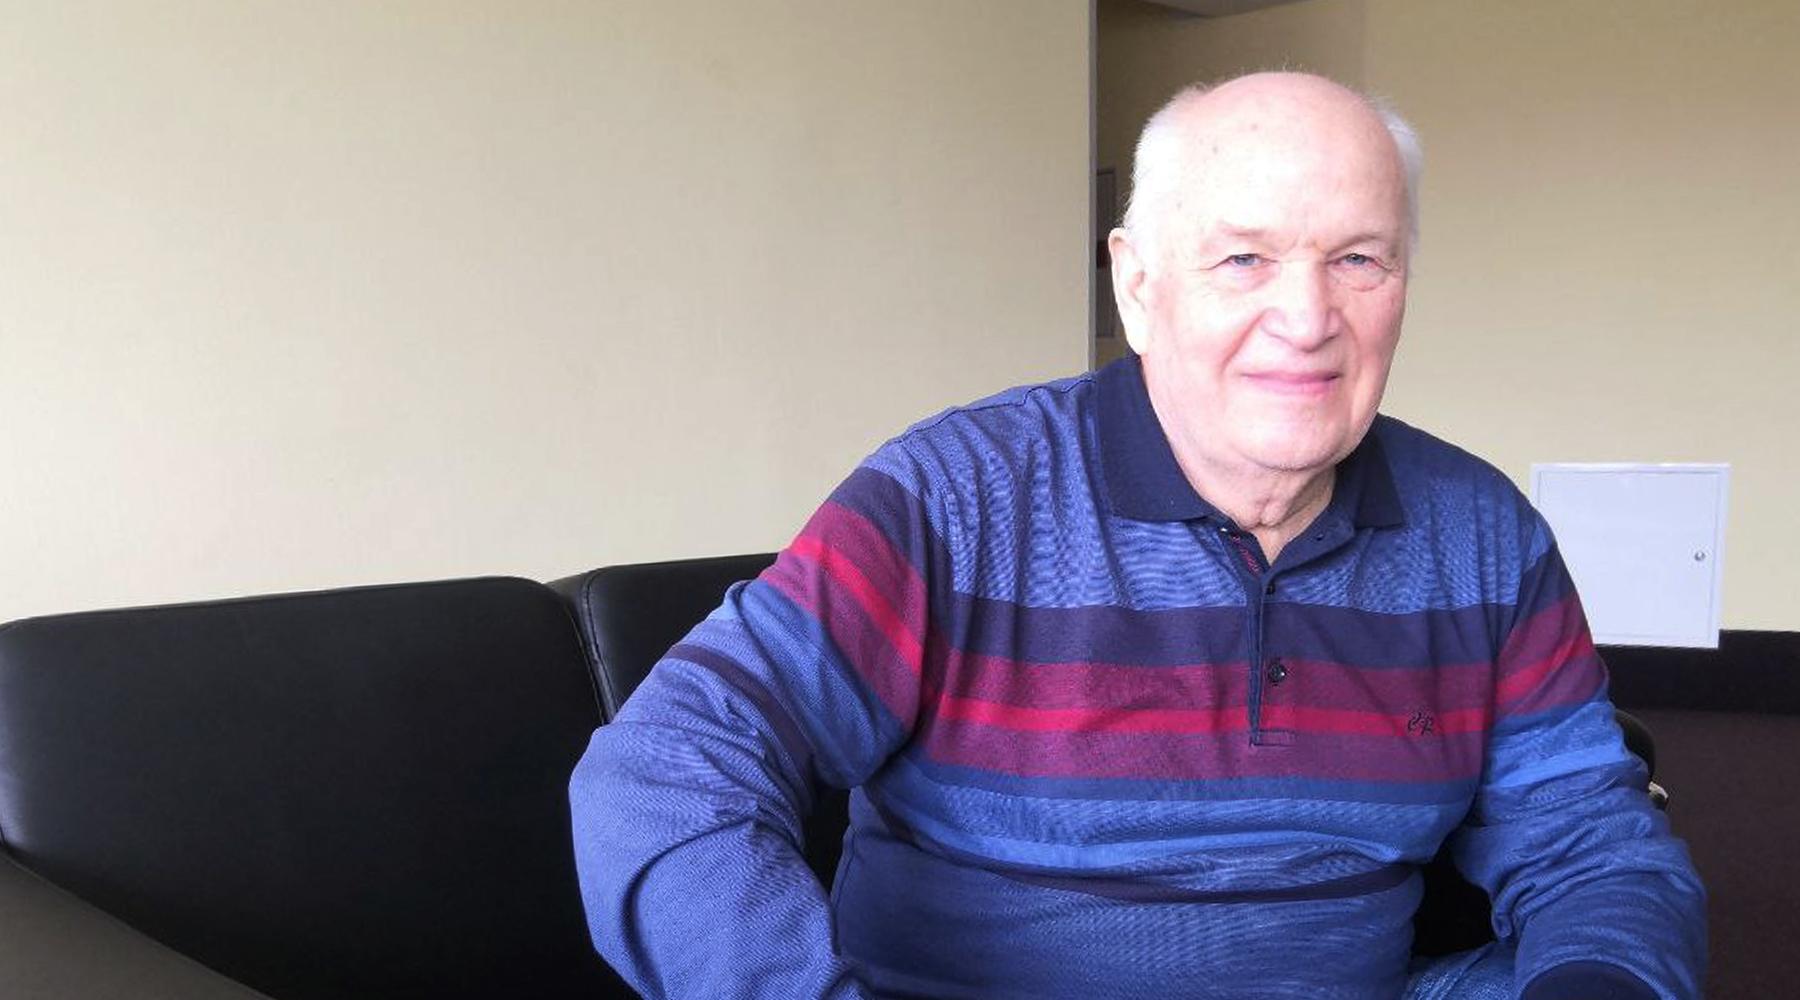 Пробудил чувства: 30 лет назад рецидивист Сергей Мадуев едва не сбежал из СИЗО при содействии следователя10